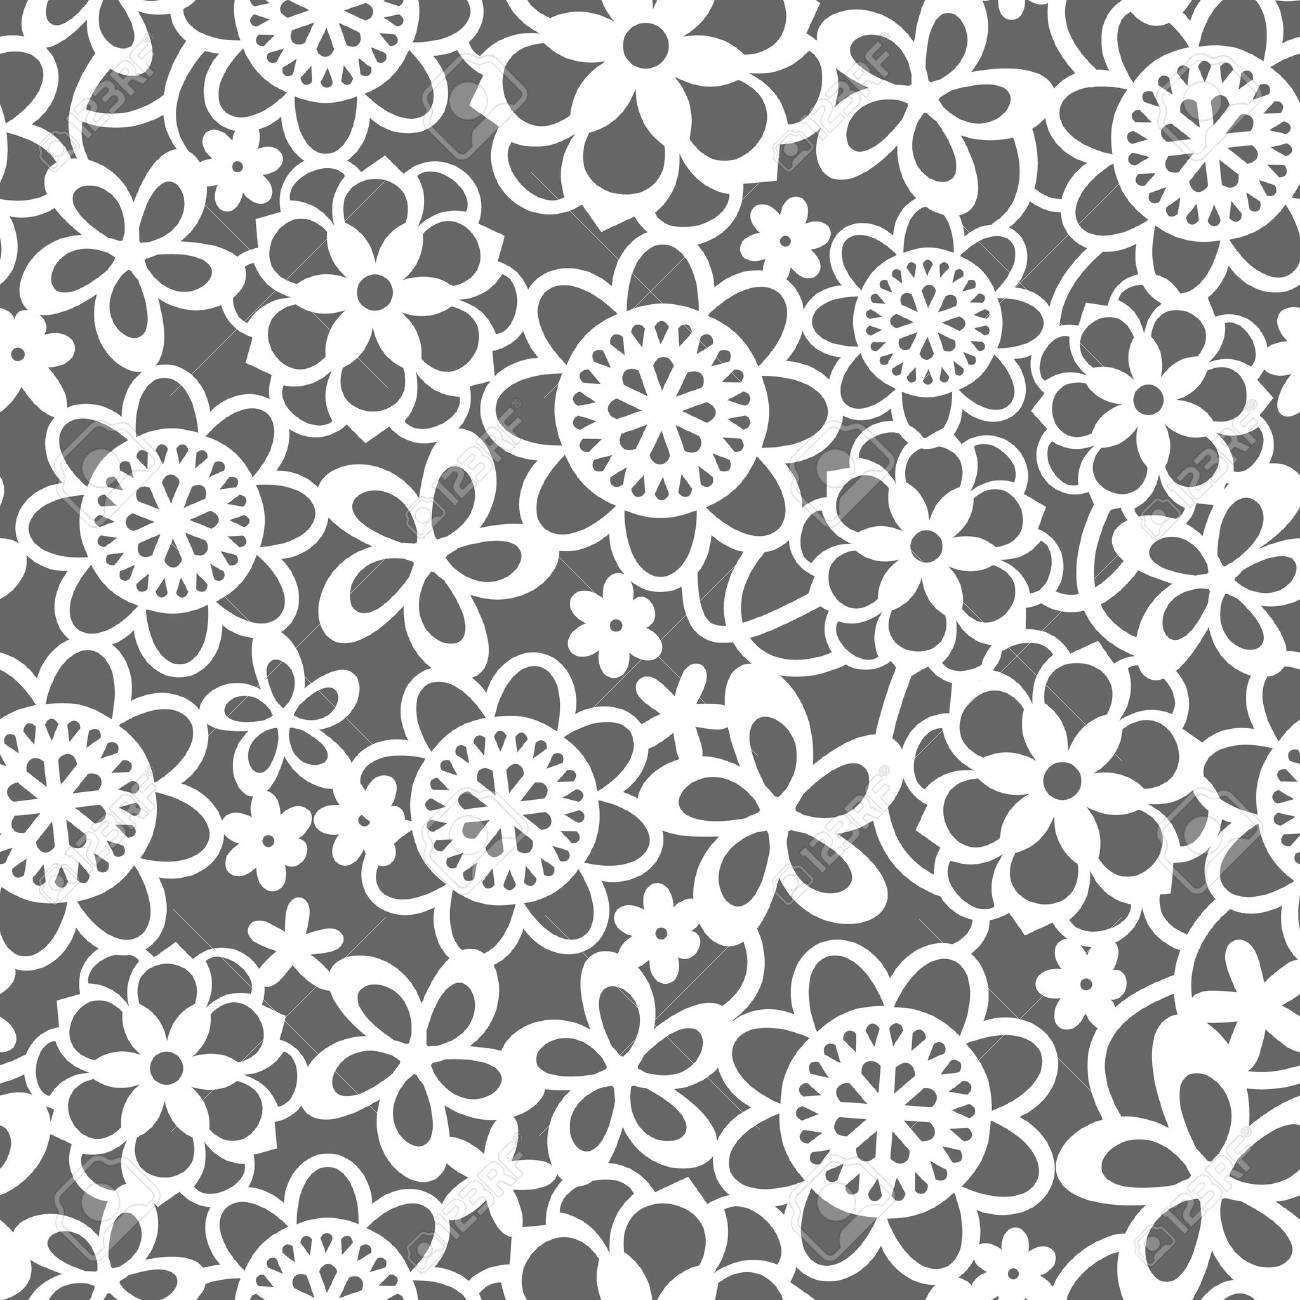 花のレース パターンのシームレスな背景のベクトル イラストのイラスト